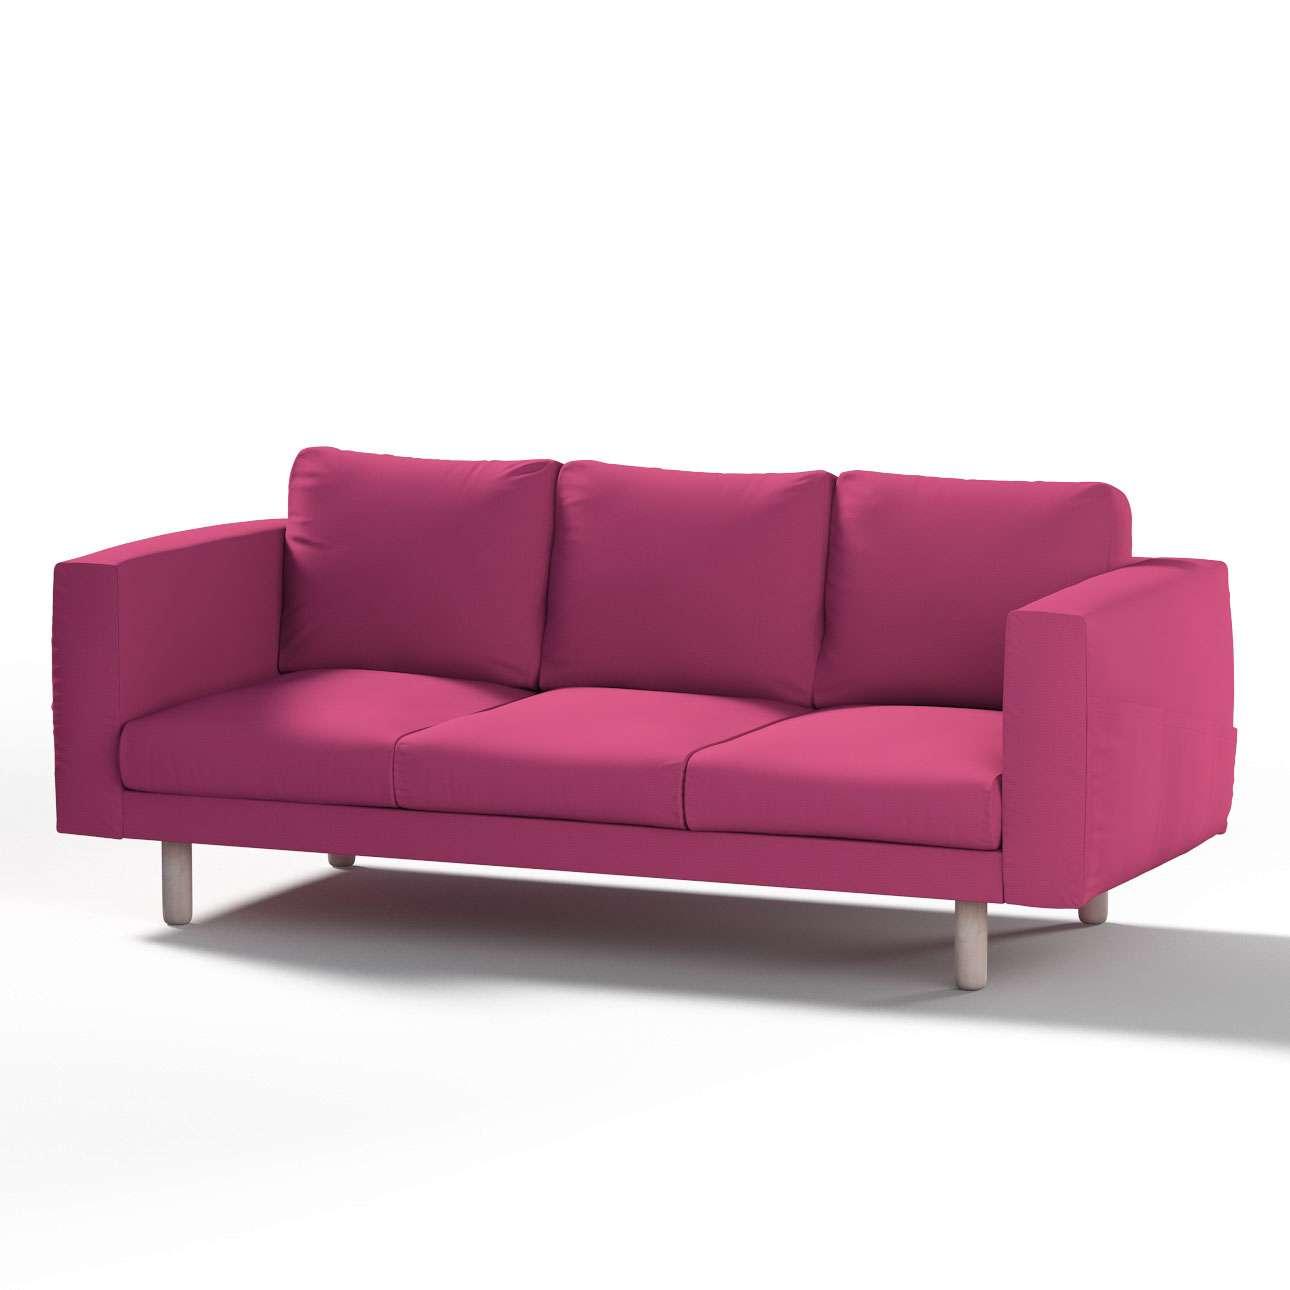 Pokrowiec na sofę Norsborg 3-osobową w kolekcji Etna, tkanina: 705-23